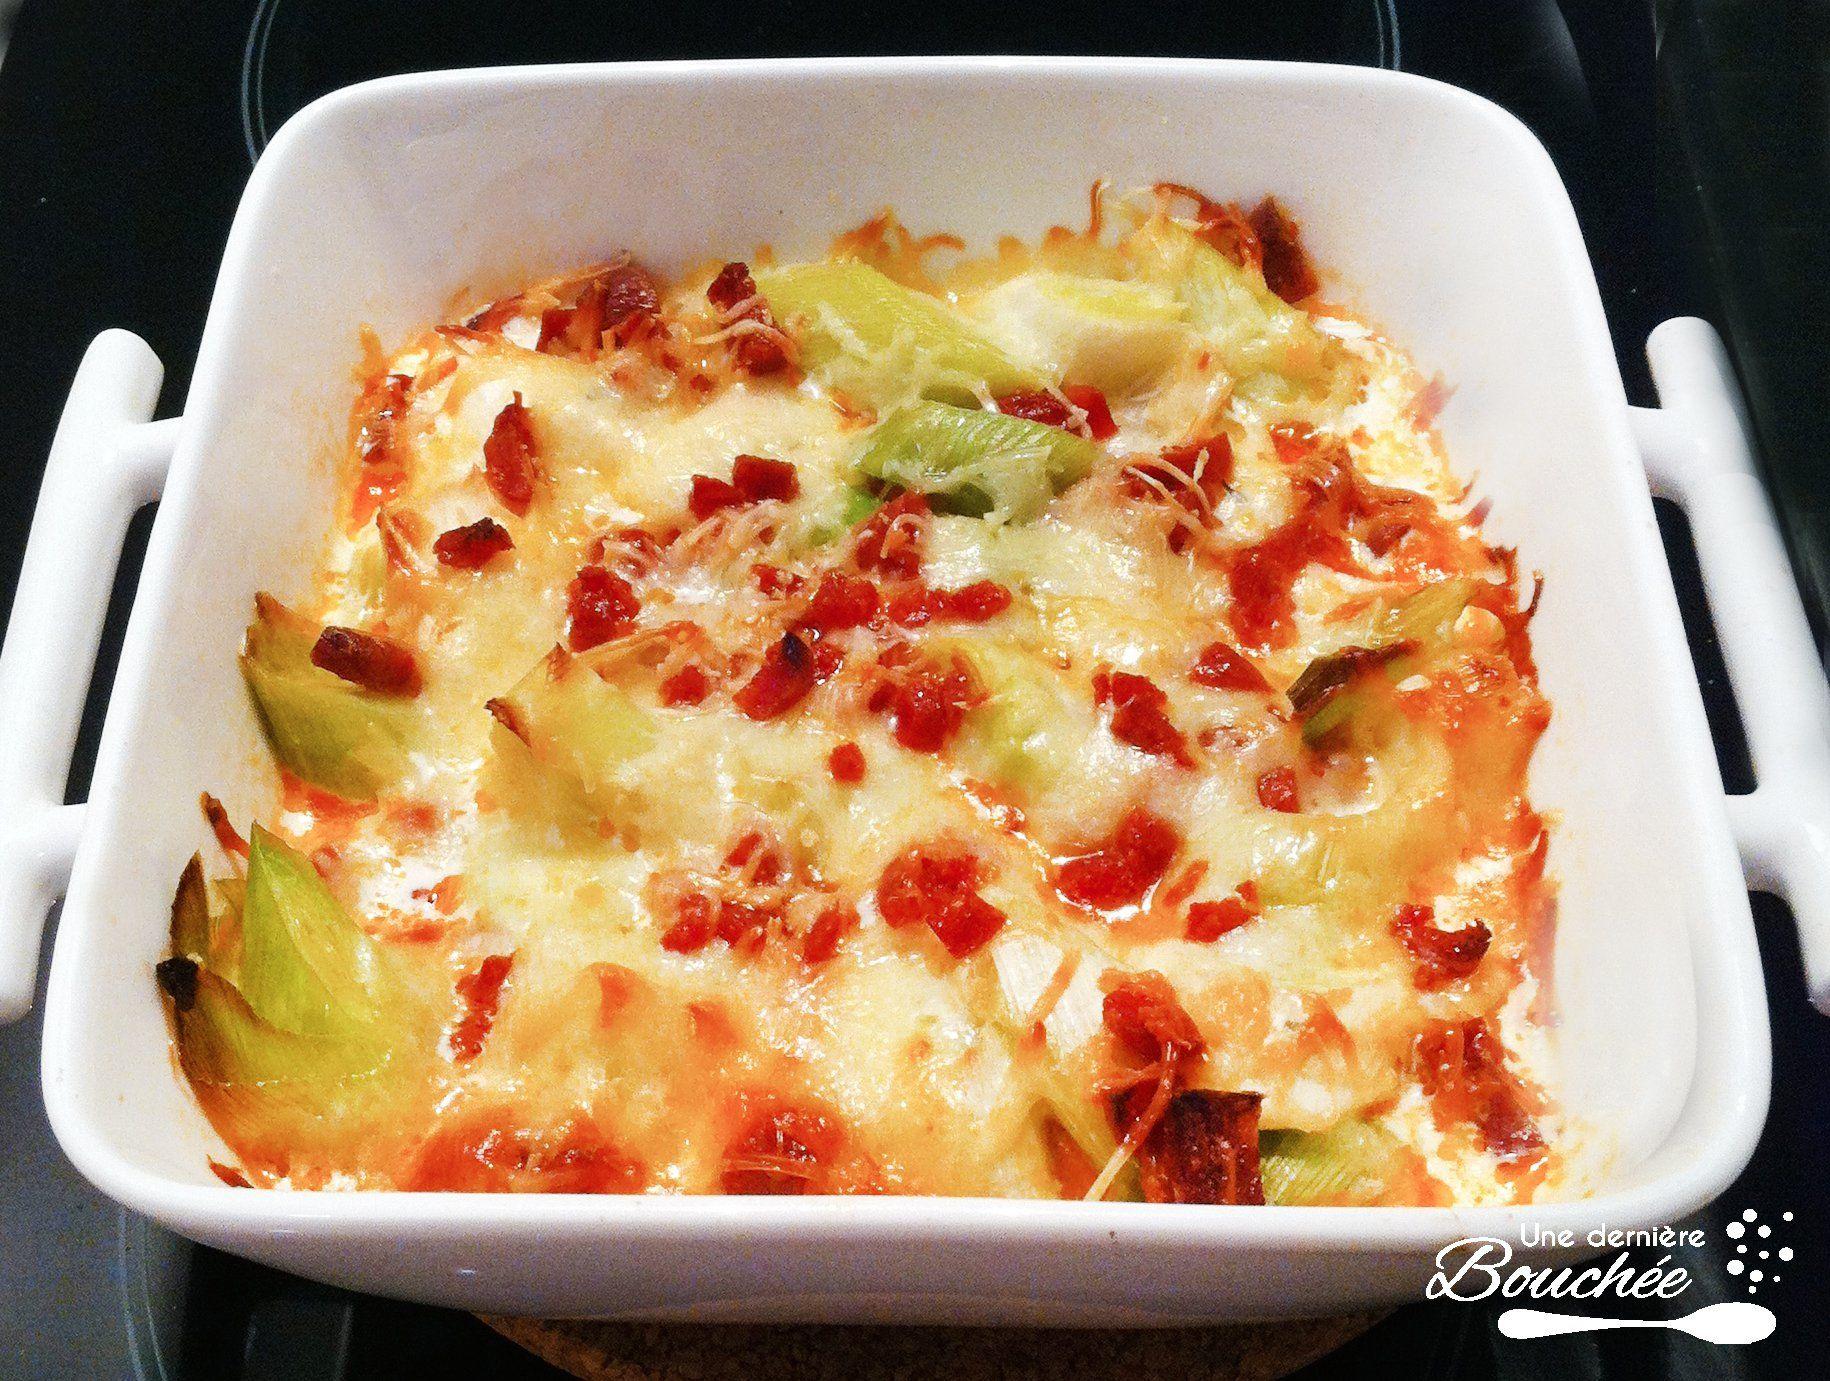 Recette Gratin poireaux fromage chorizo